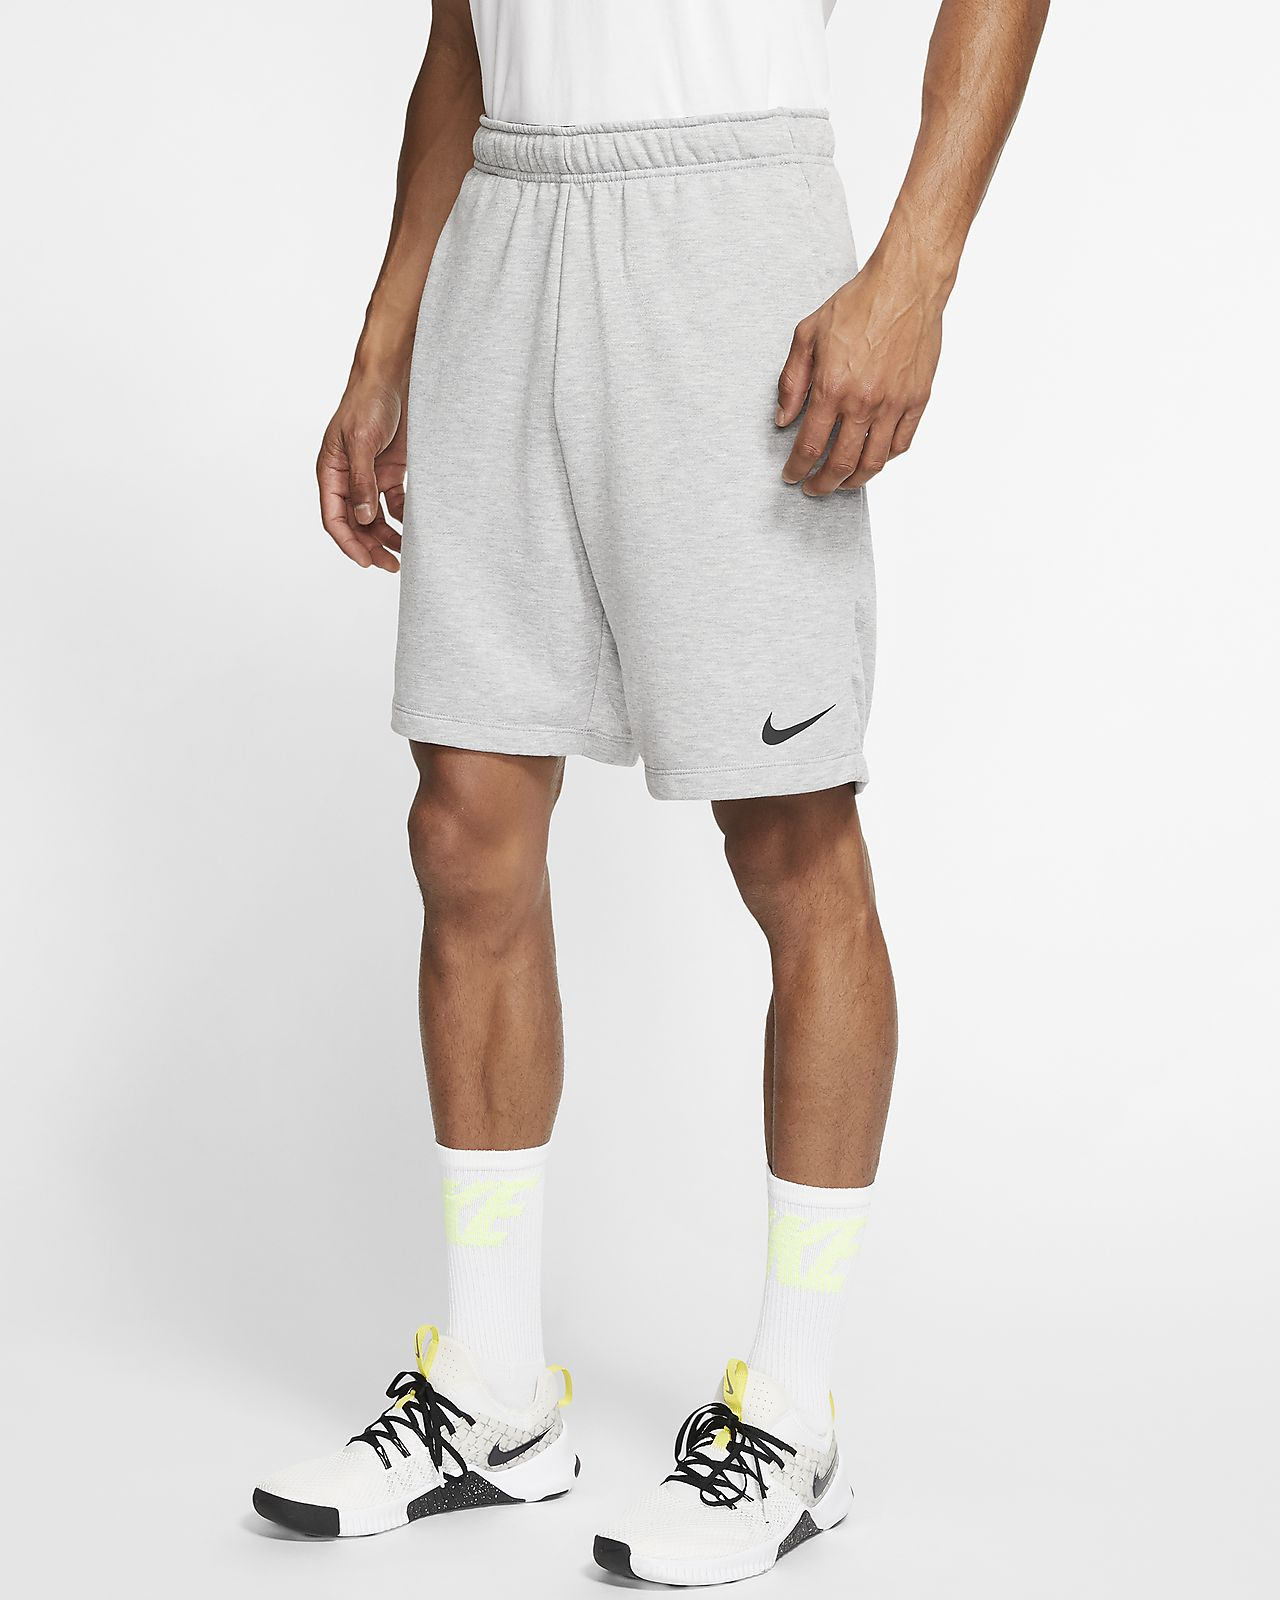 Nike Dri-FIT Pantalón corto de entrenamiento de tejido Fleece - Hombre